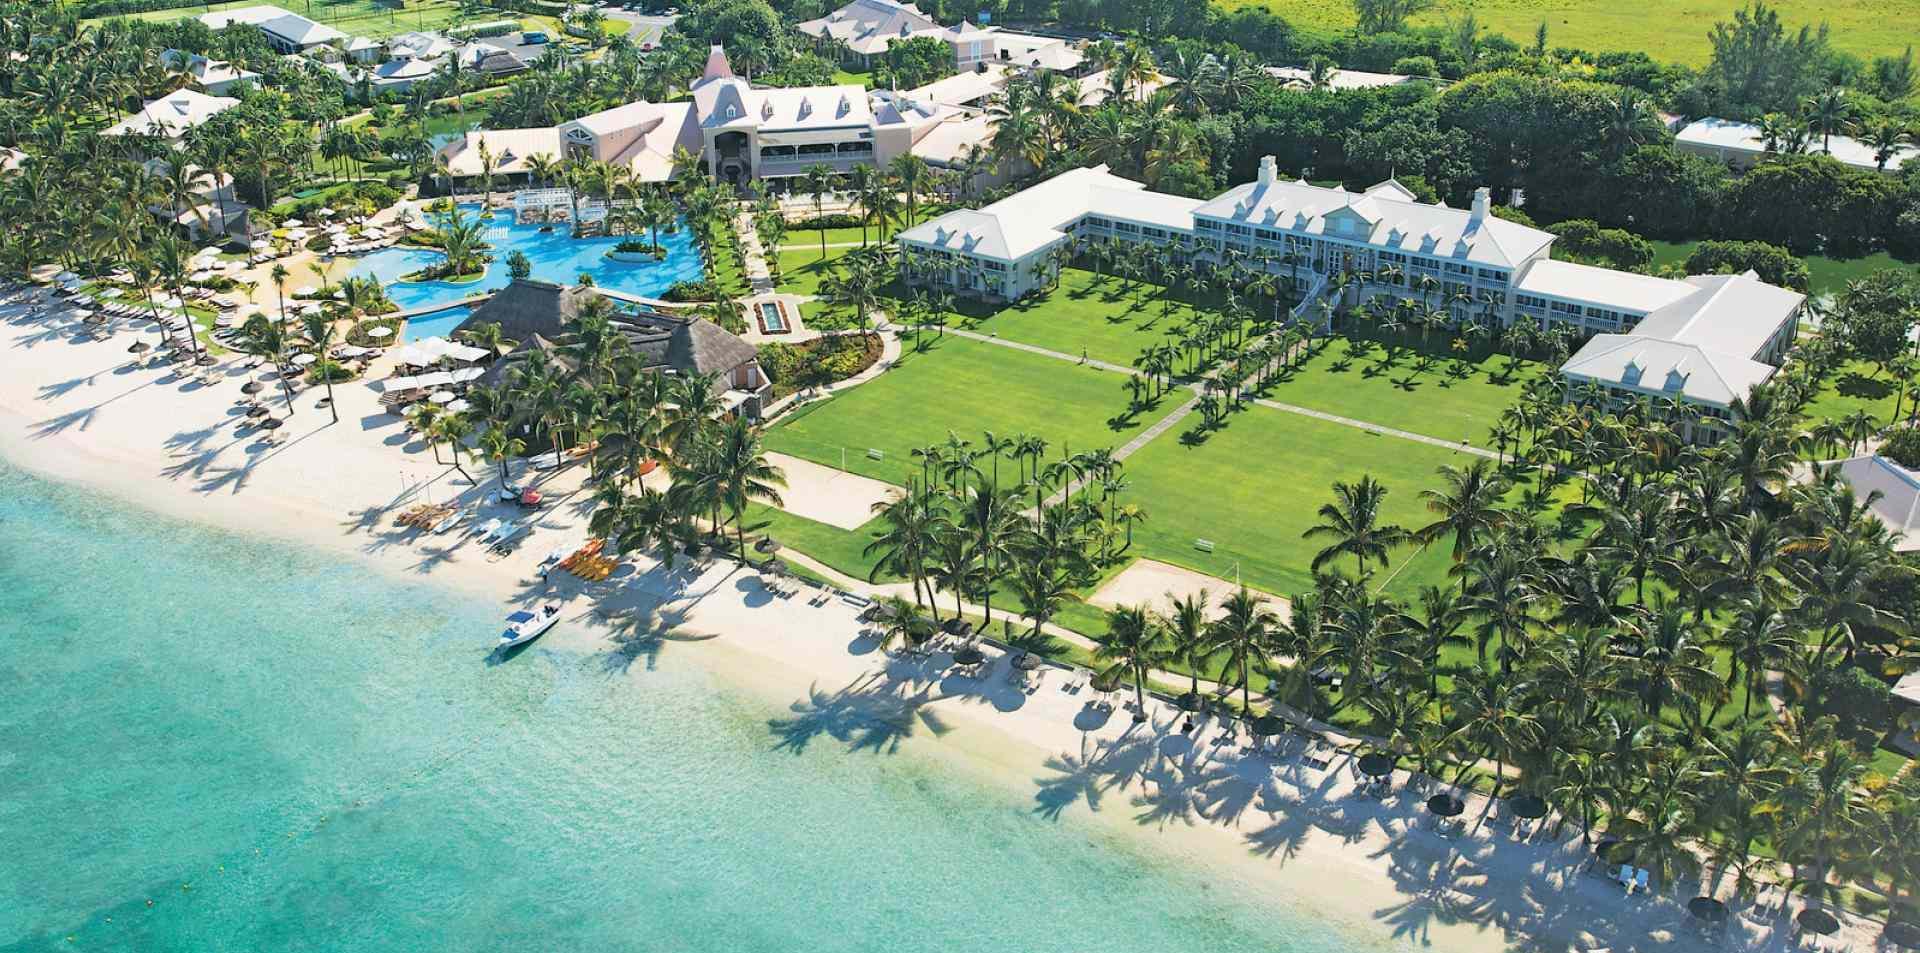 Aerial-View-Sugar-Beach-Mauritius_1600x8